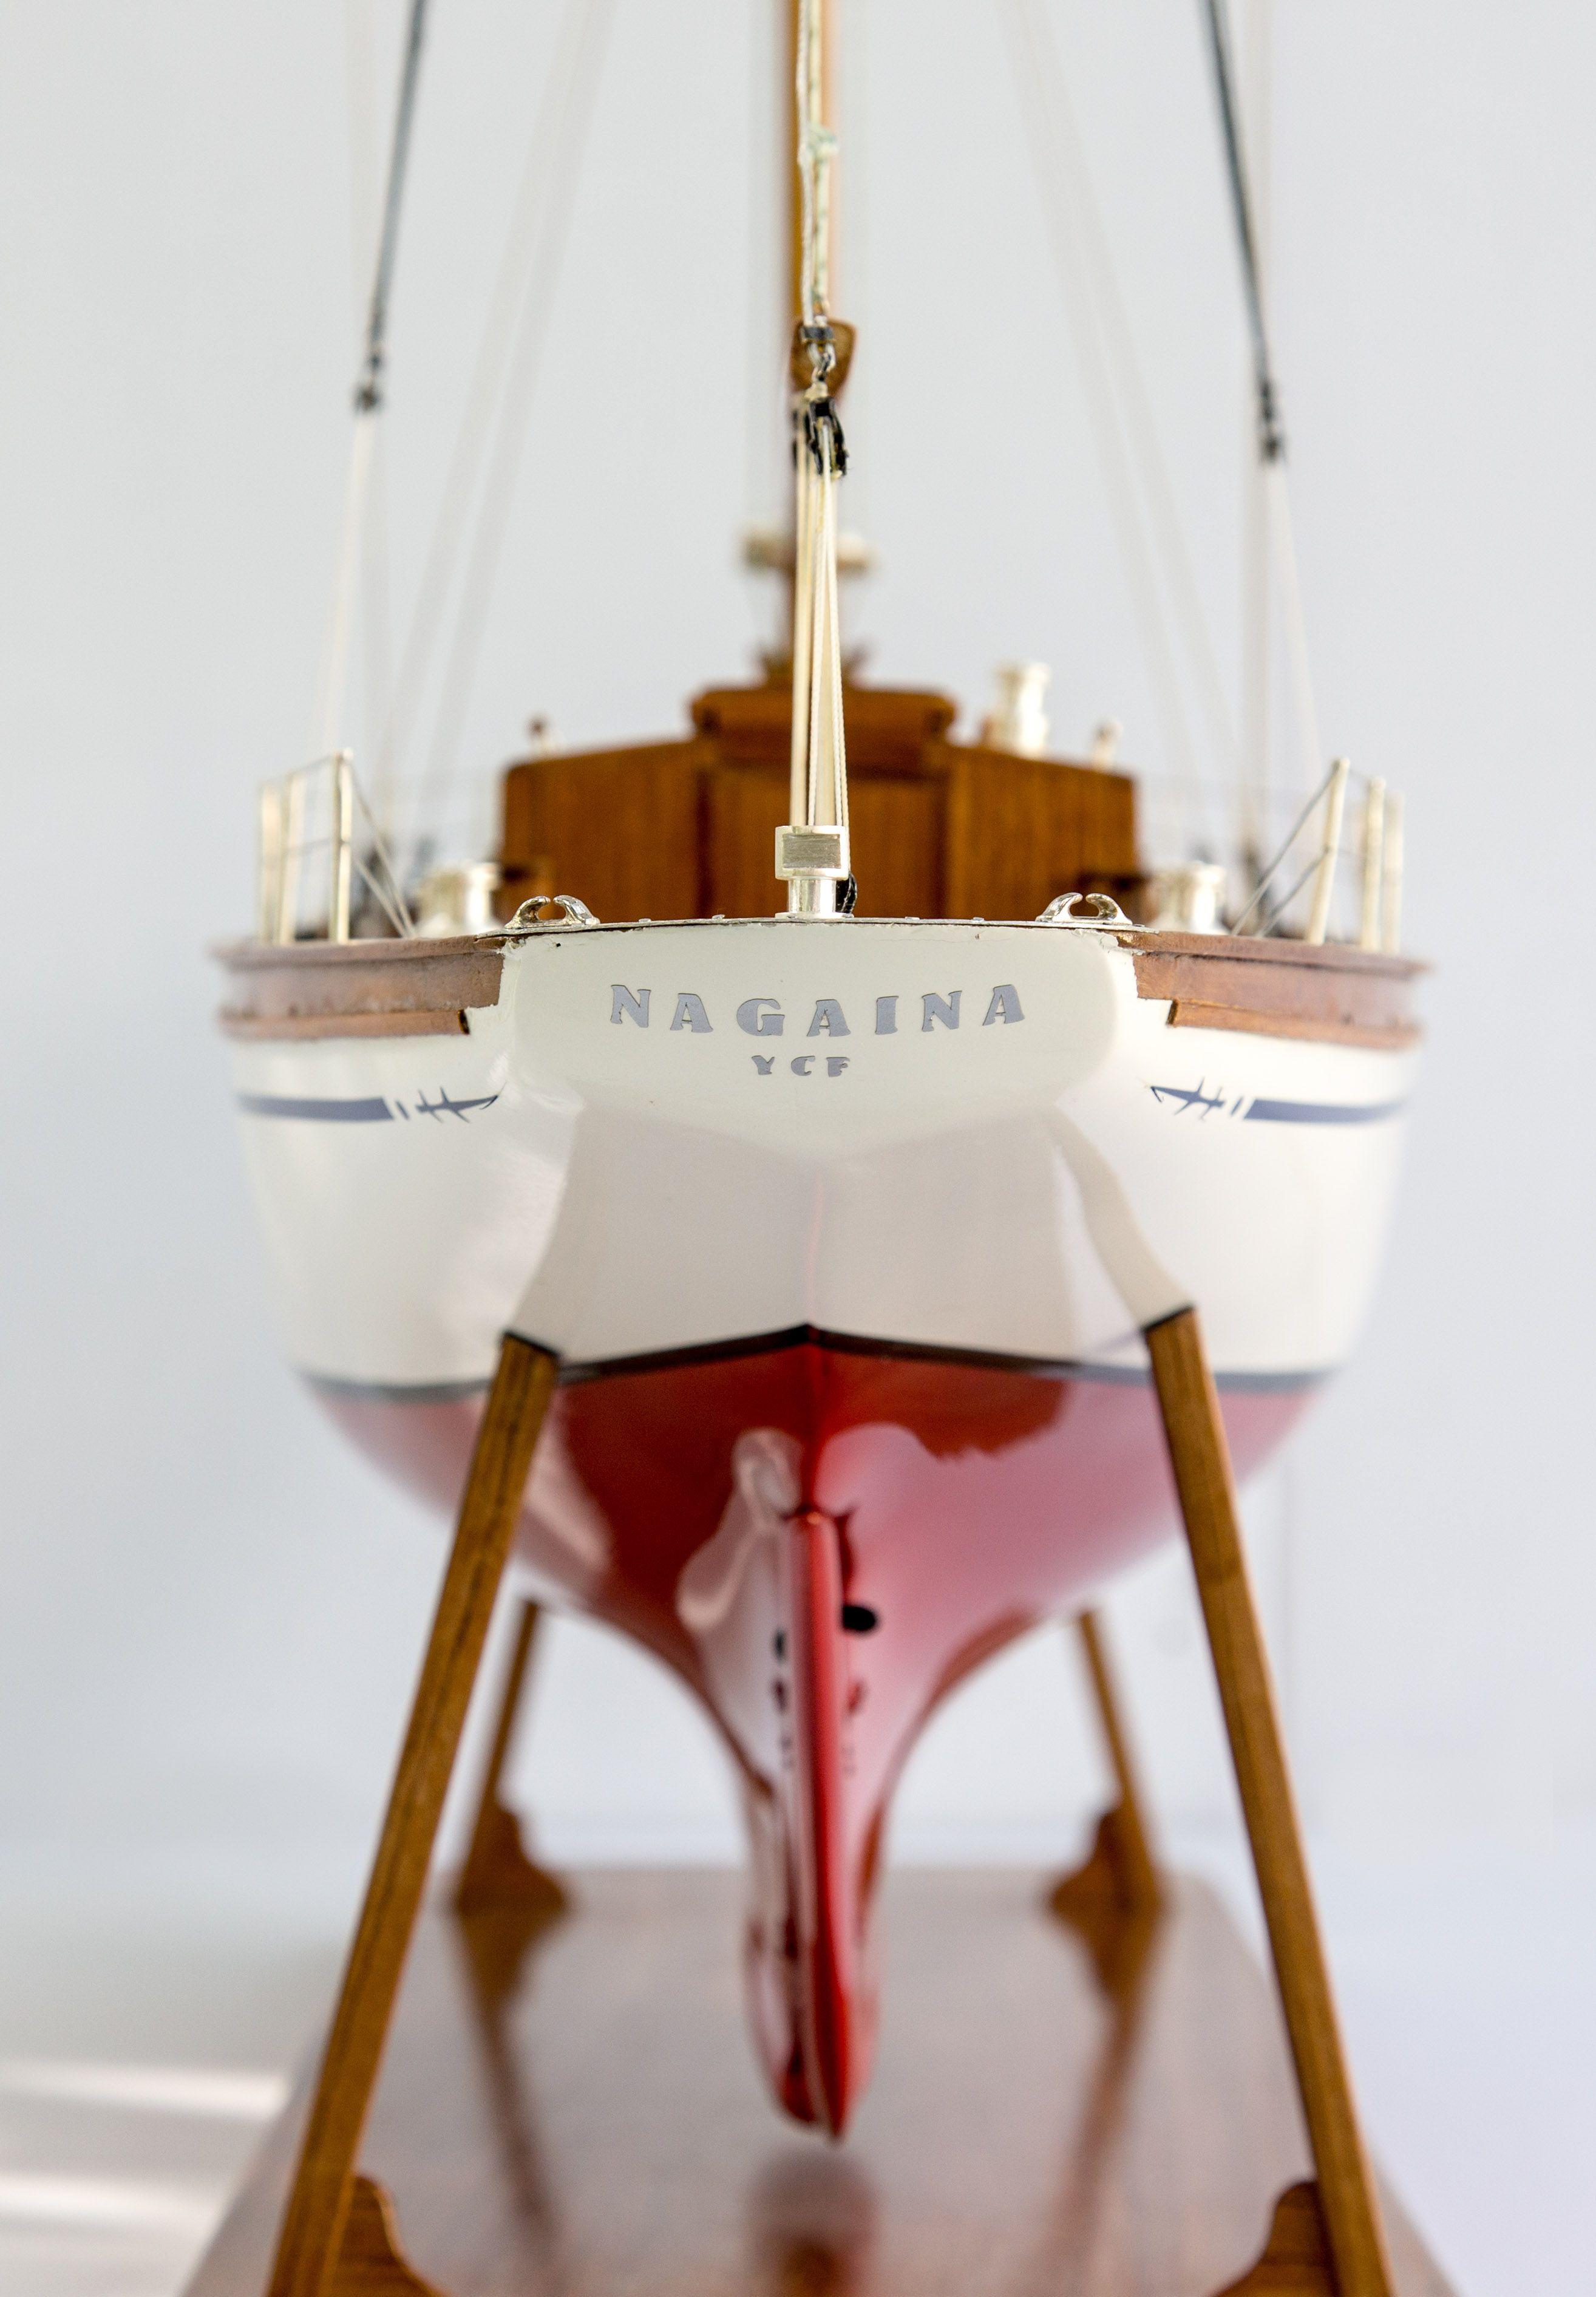 2556-14531-Nagaina-Model-Yacht-Superior-Range